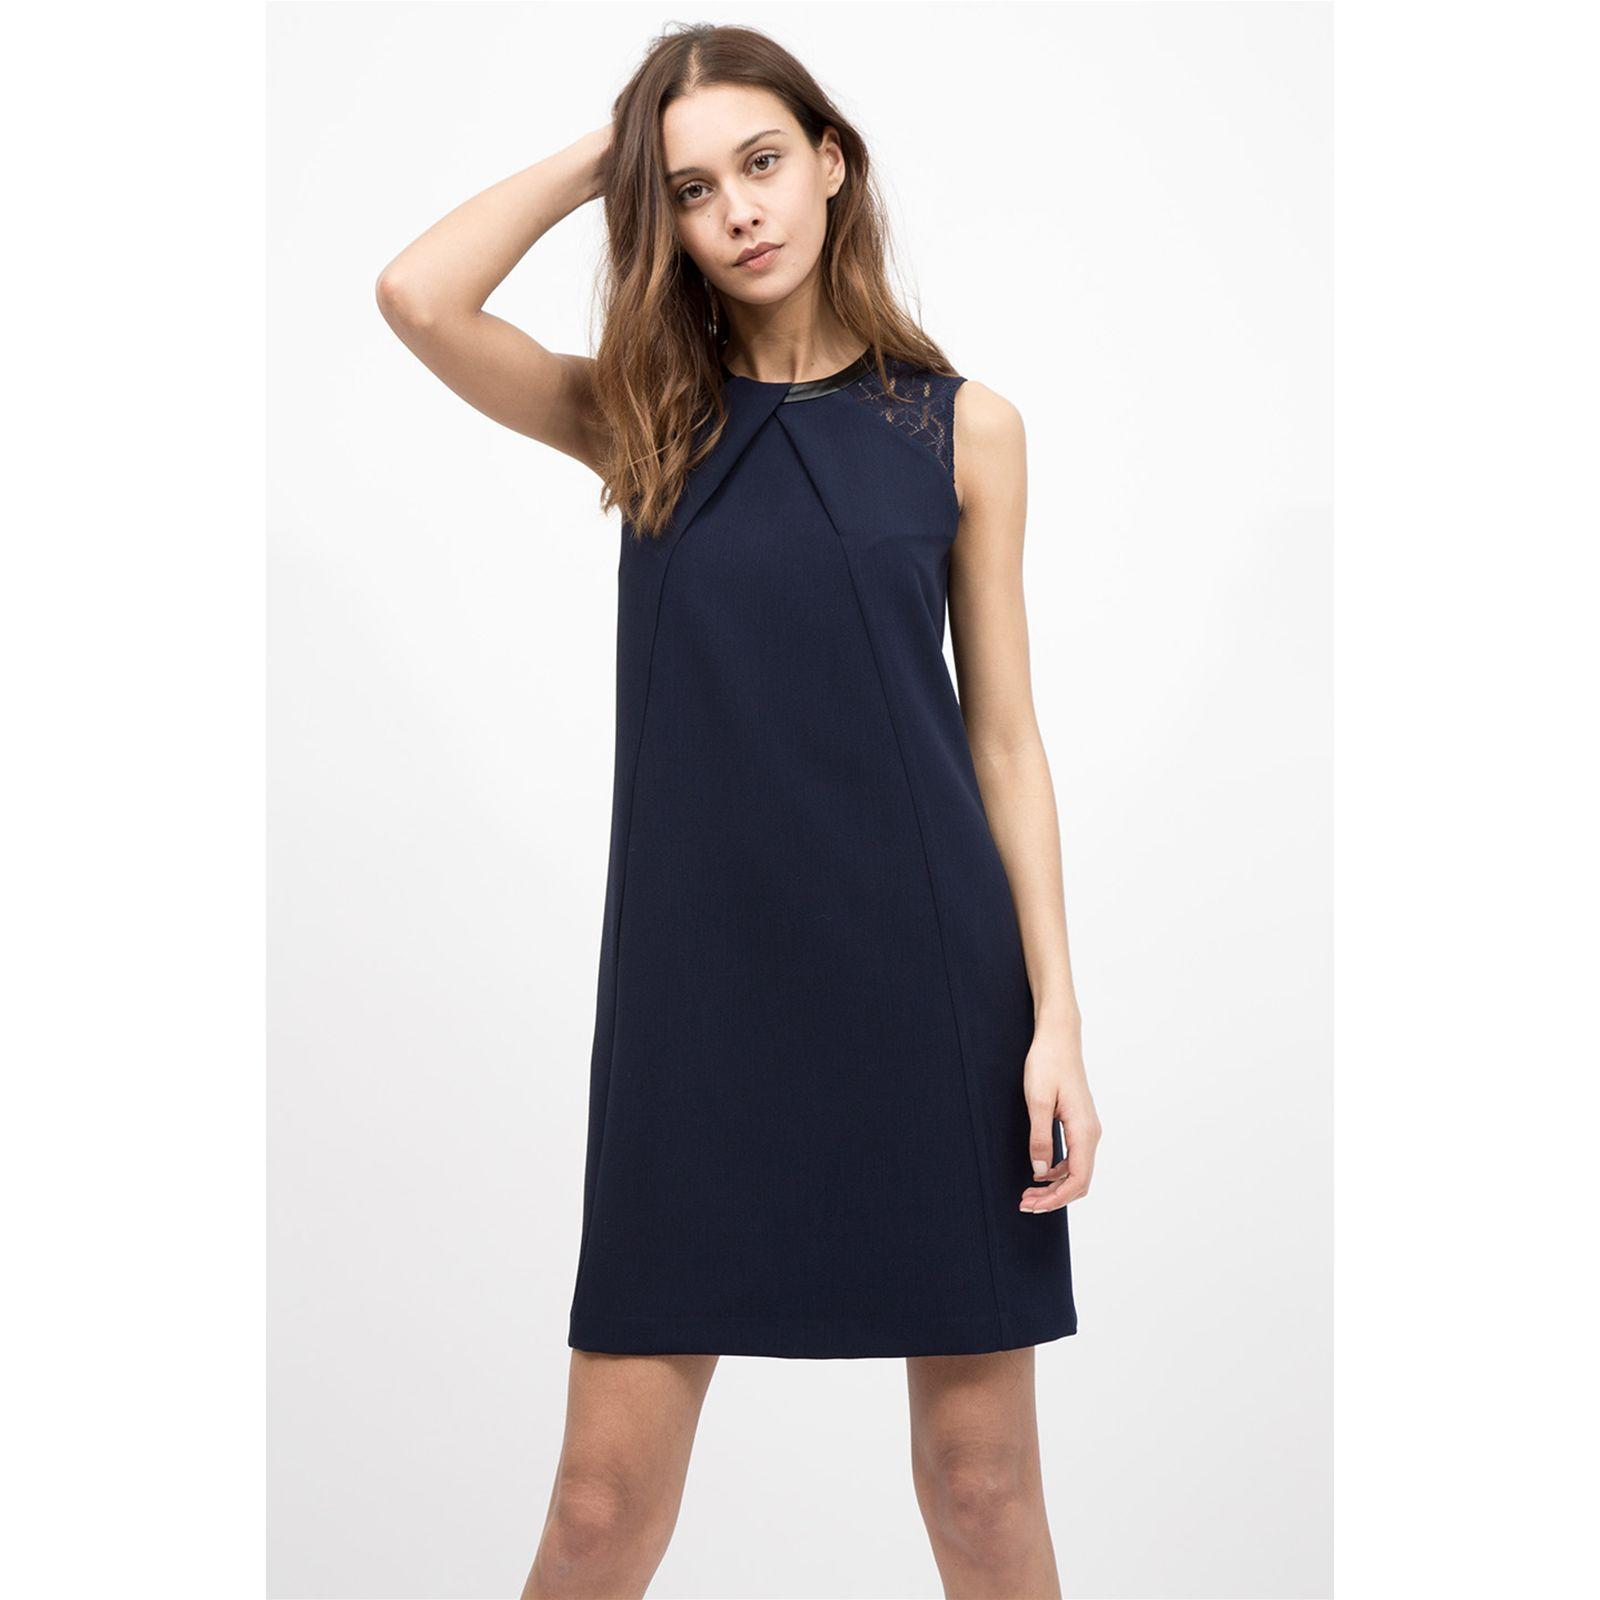 Robe bleu marine droite